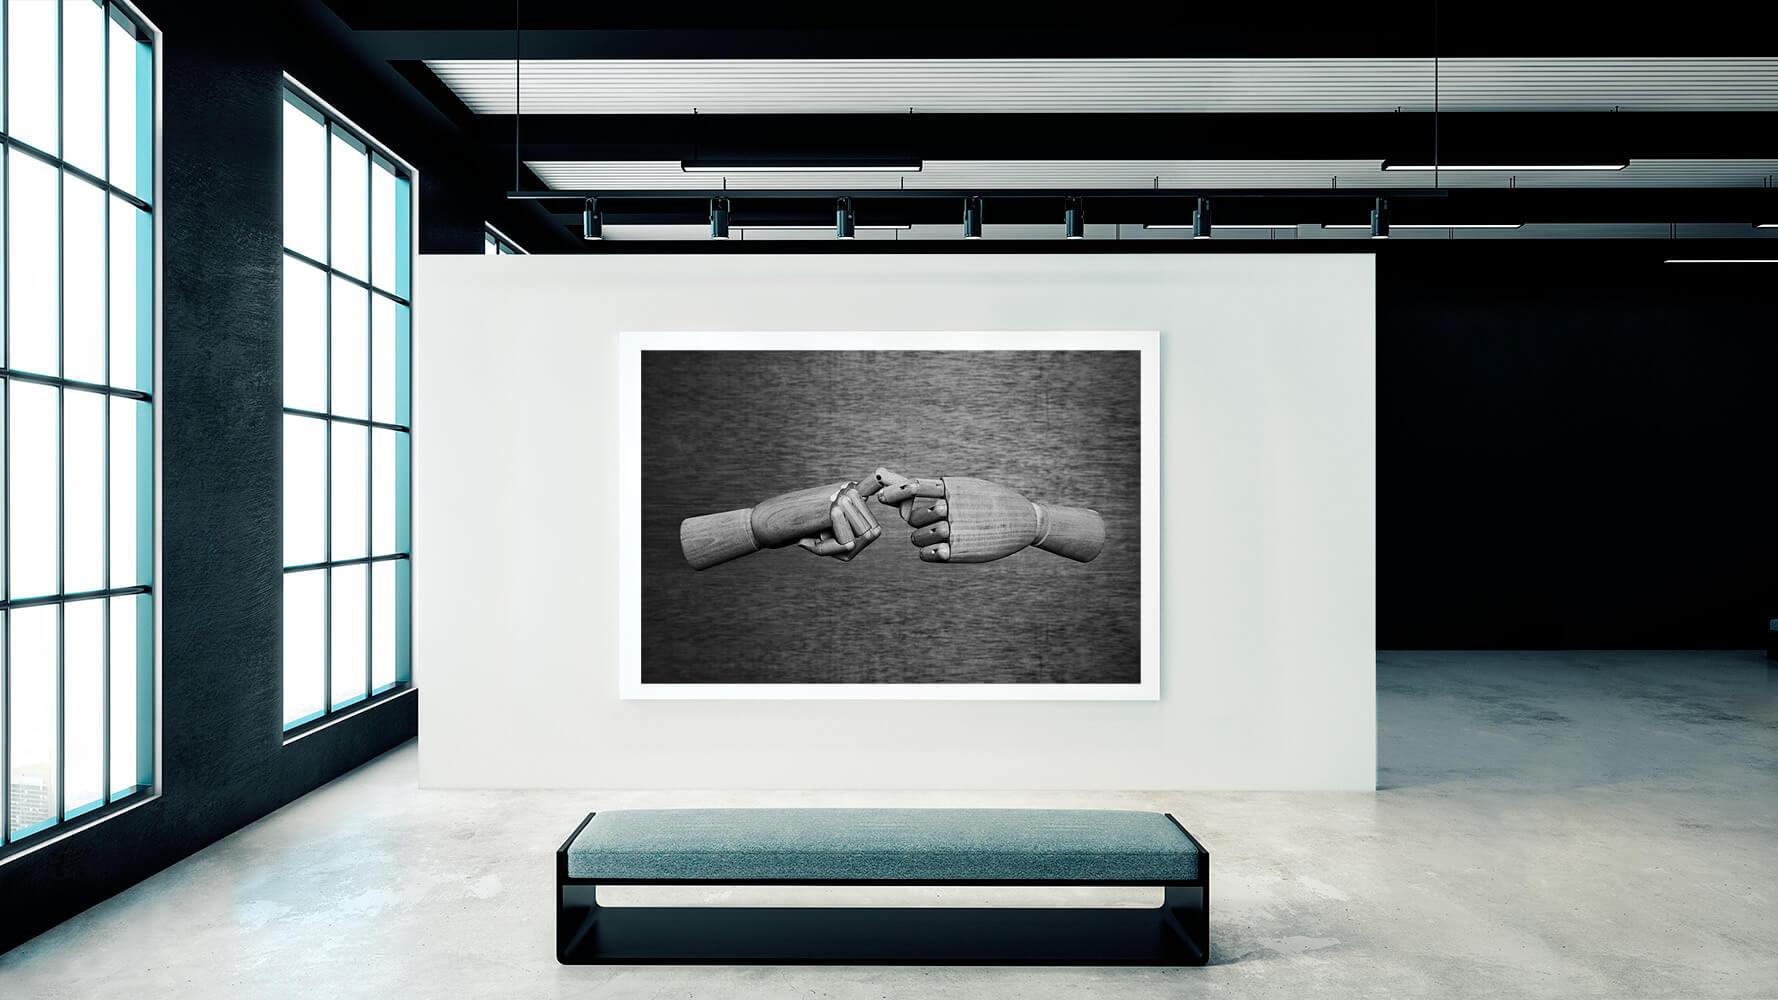 Viktor-van-der-lak-friends-exposicion-talk-to-me-Horno-Virtual-Gallery-galeria-arte-fotografia-artistica-edicion-limitada-decoracio